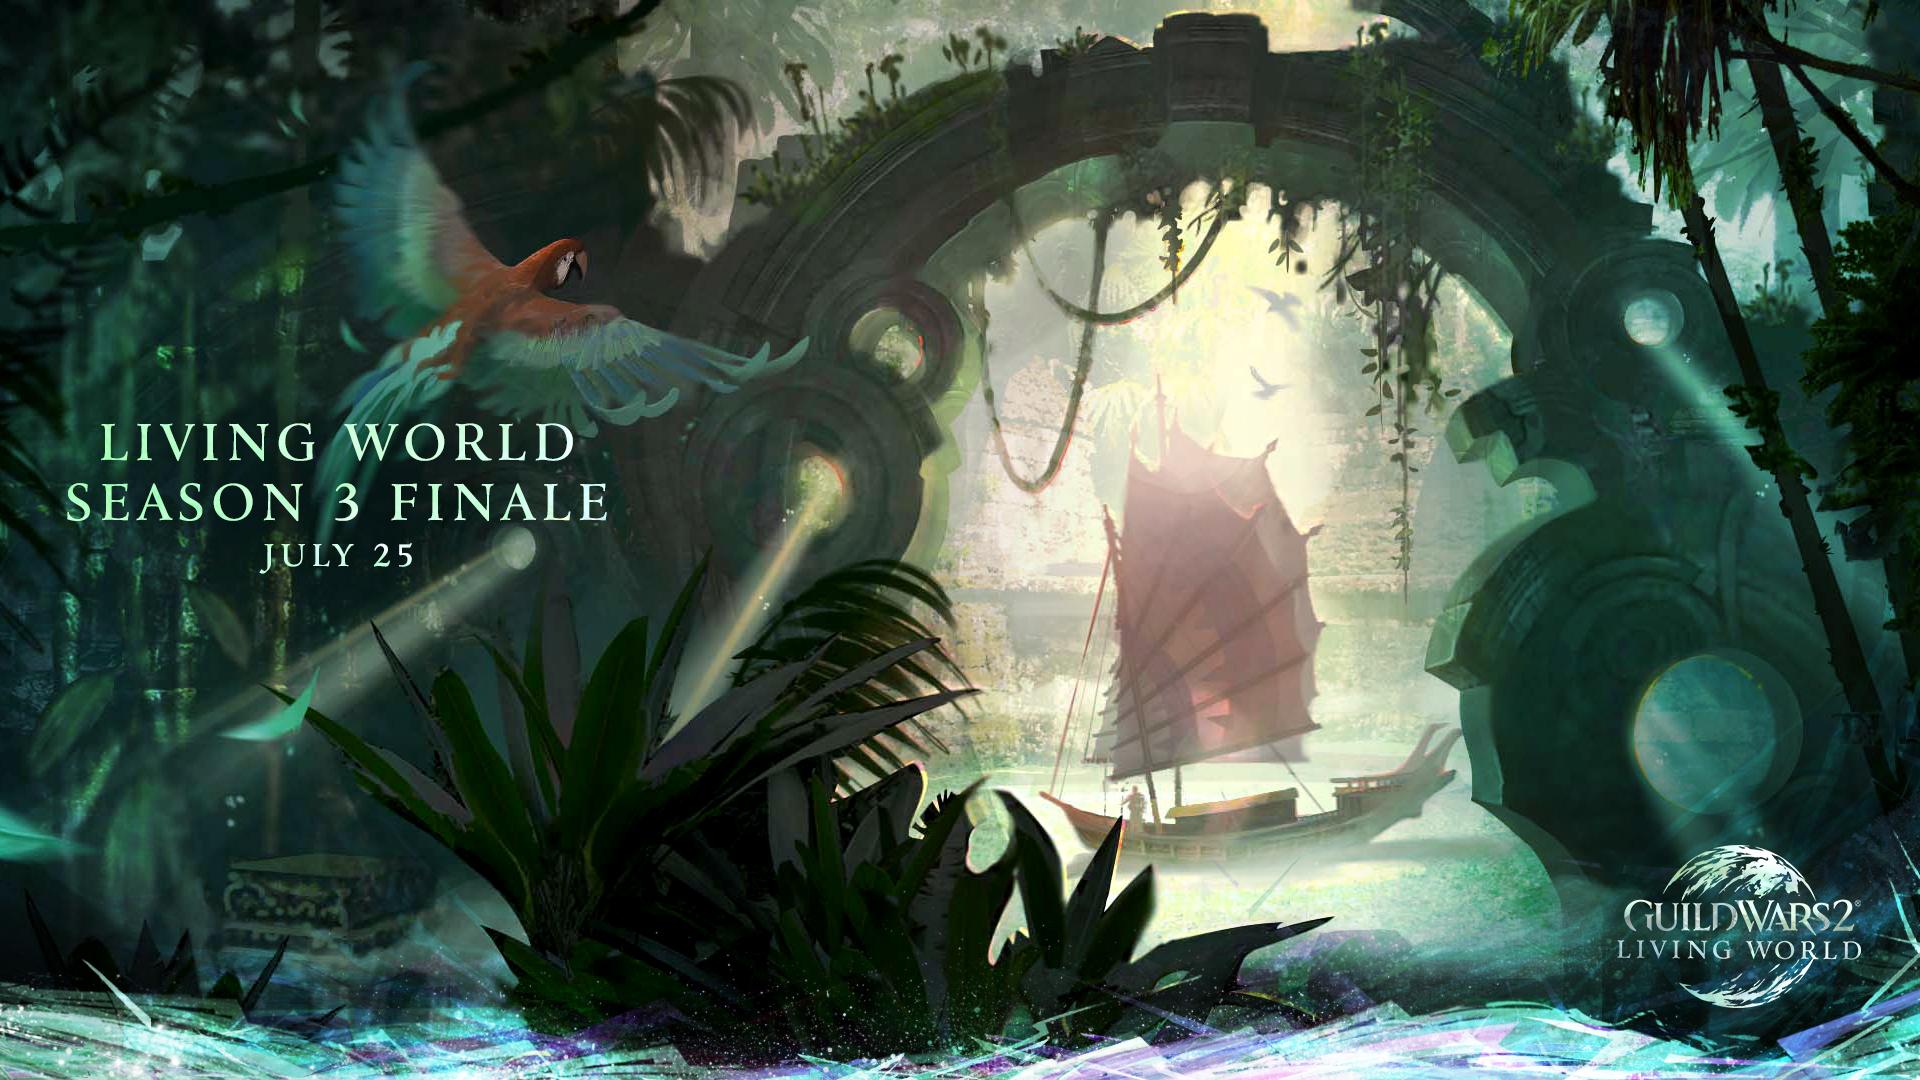 Guild Wars 2: Finale von Season 3 im Juli – Geht's nach Orr?